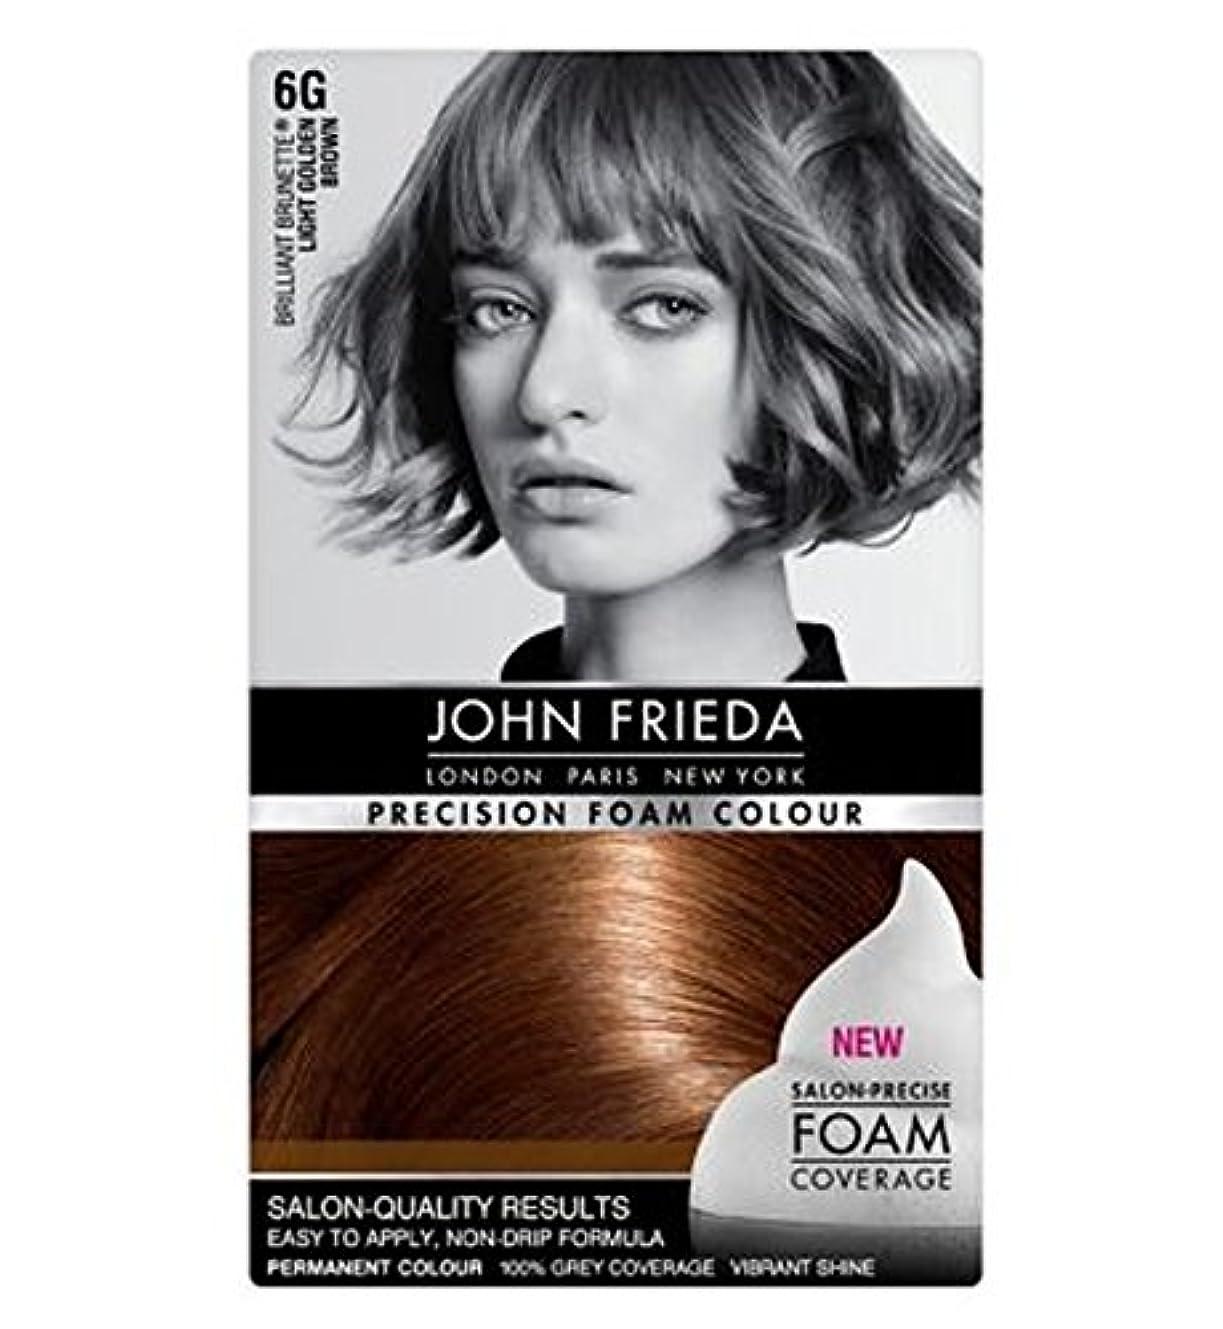 オーバーフローアルネ挨拶ジョン・フリーダ精密泡カラー6グラムライトゴールデンブラウン (John Frieda) (x2) - John Frieda Precision Foam Colour 6G Light Golden Brown (Pack of 2) [並行輸入品]